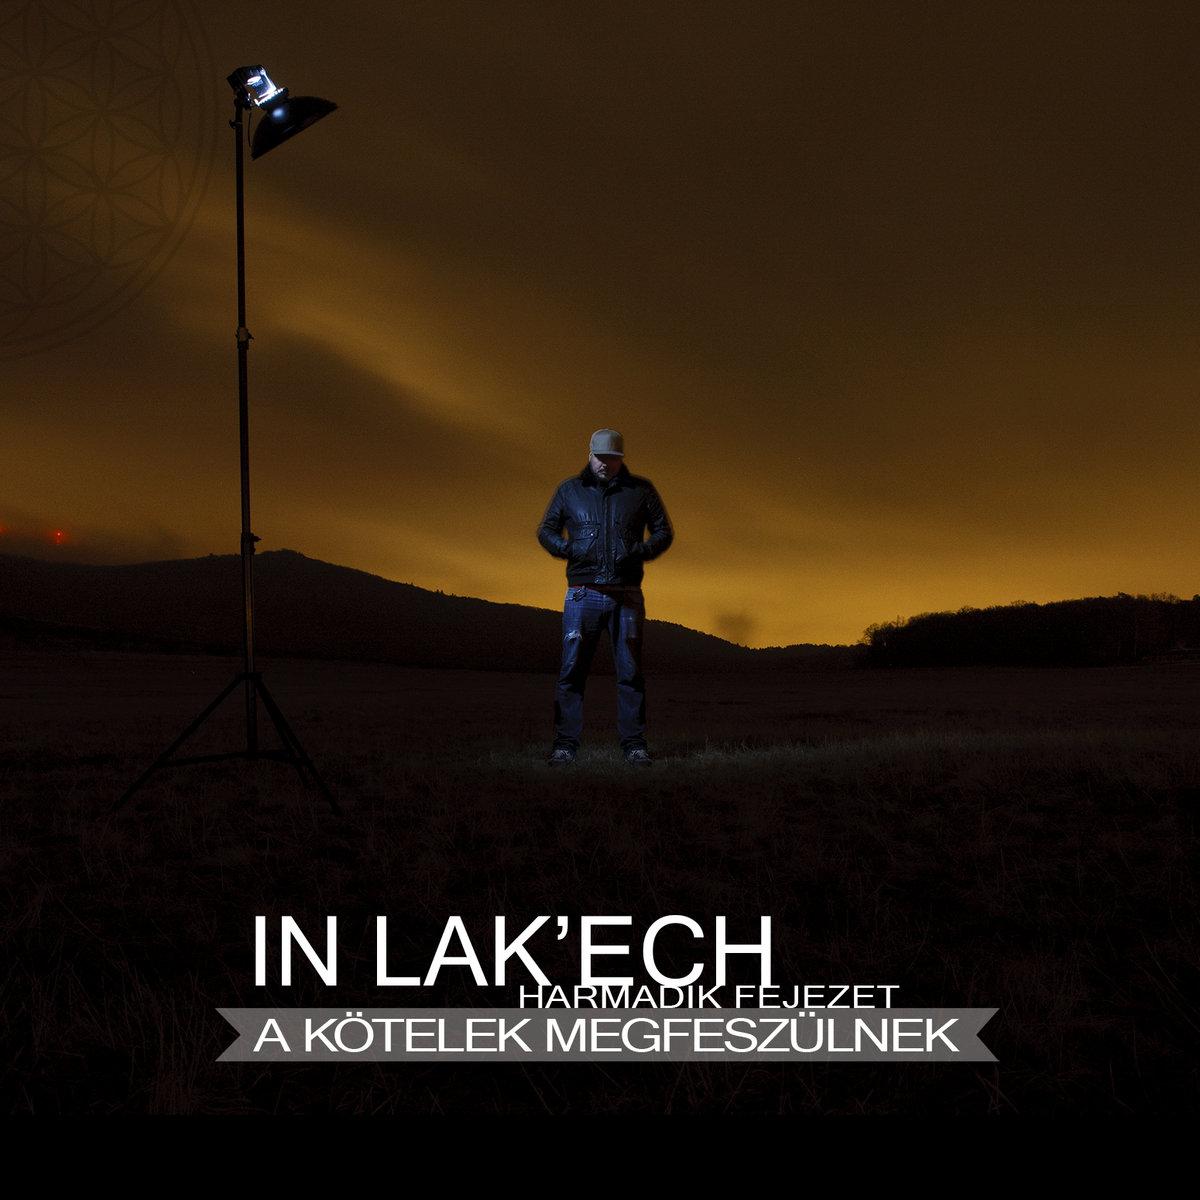 In Lakech - Harmadik fejezet / A kötelek megfeszülnek